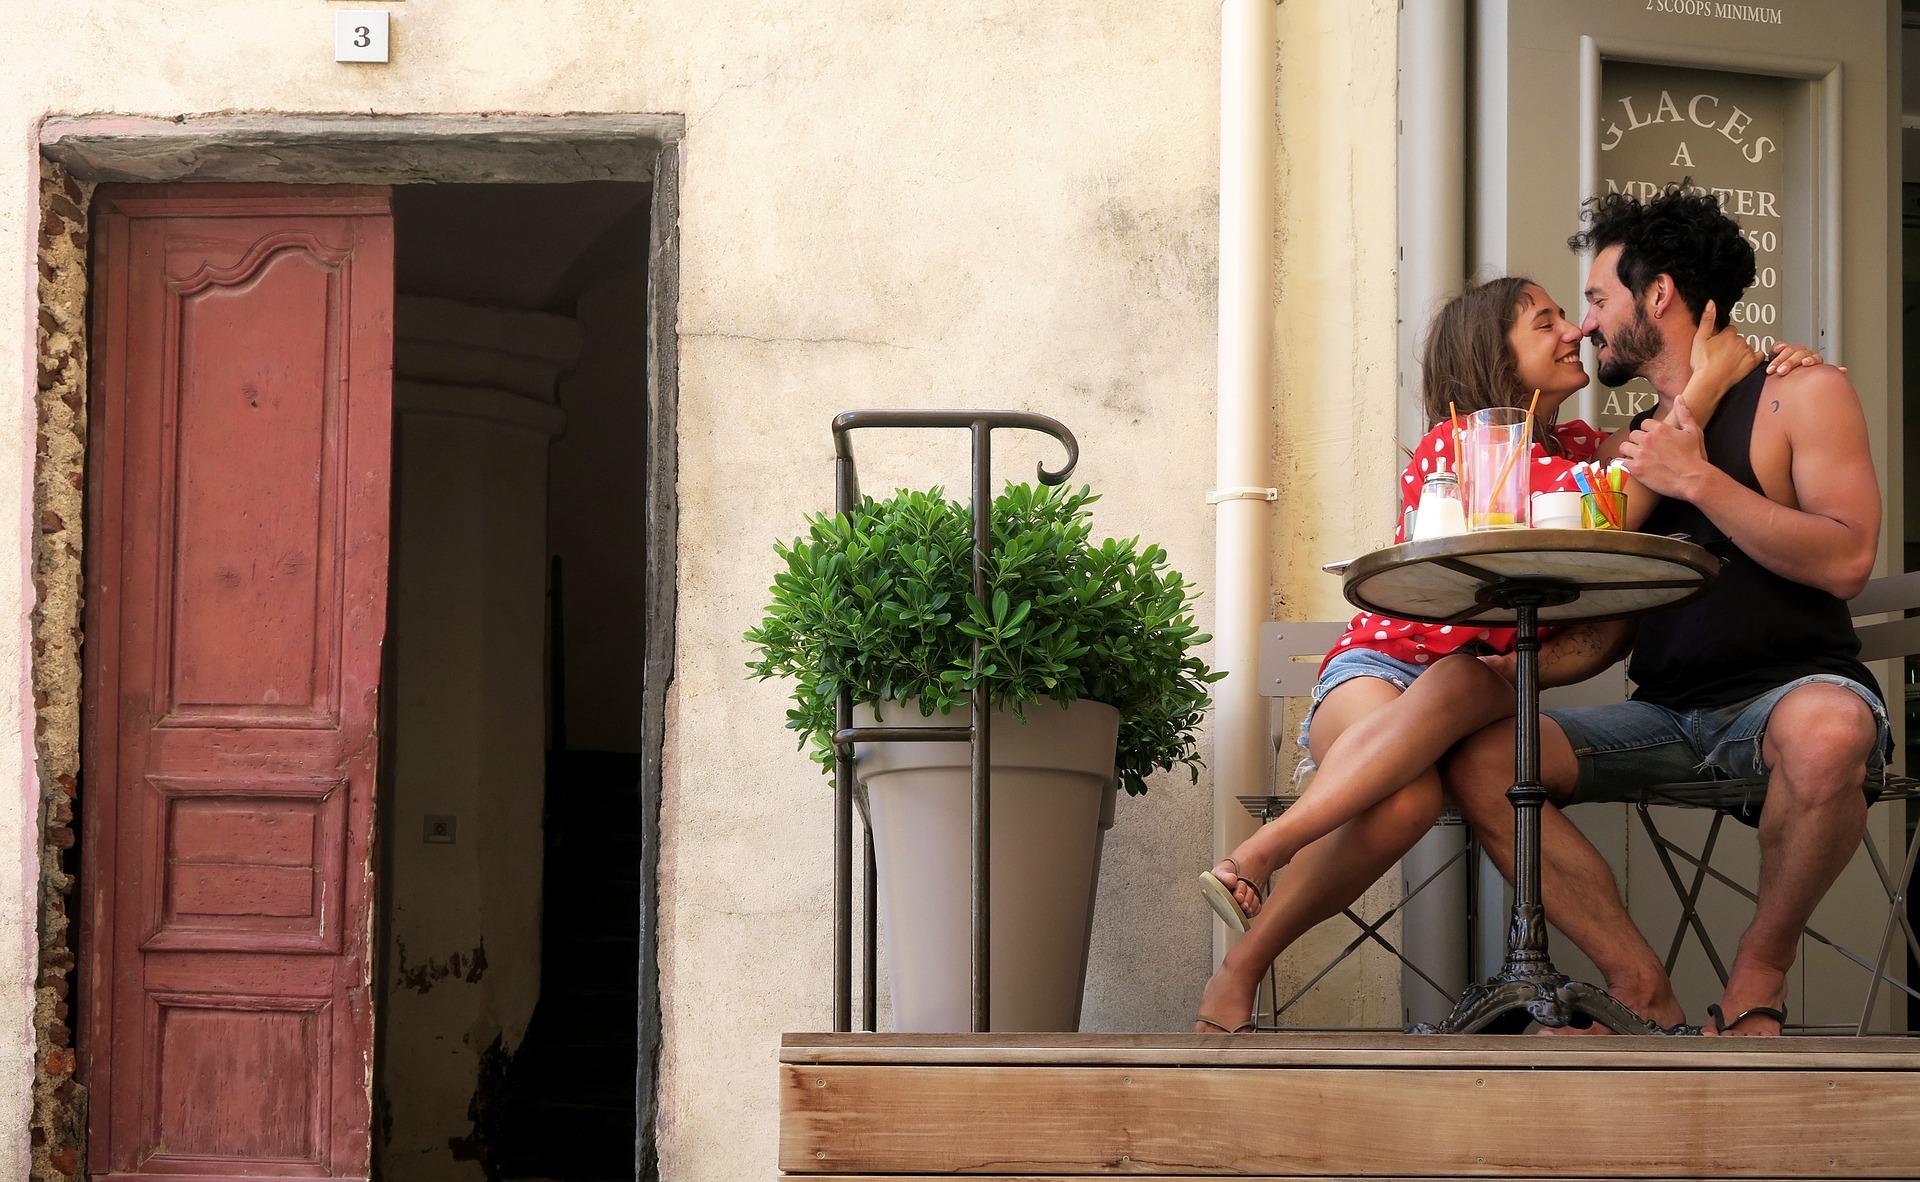 randki SMS-y i zasady połączeń 100 darmowych serwisów randkowych we Francji